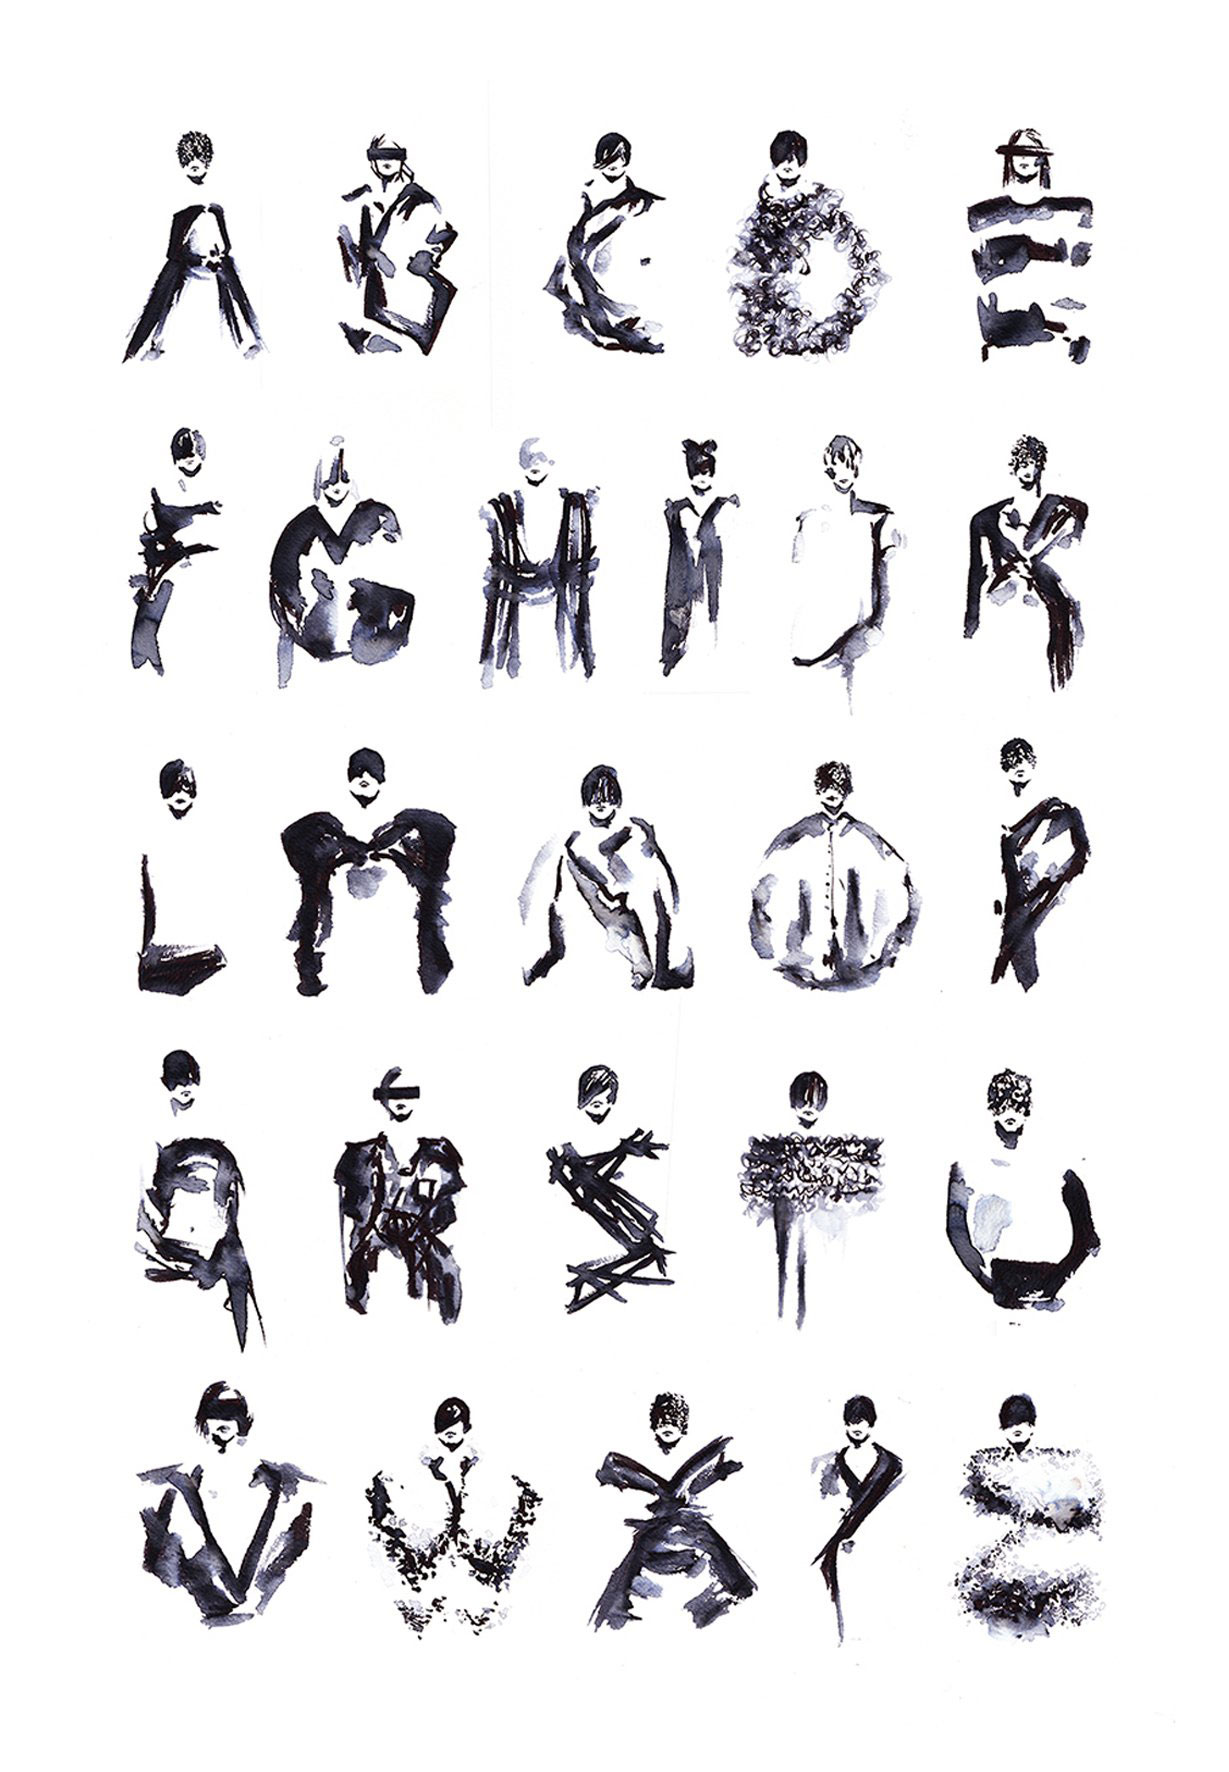 Fashion Typography based on Maison Martin Margiela | Yellowtrace